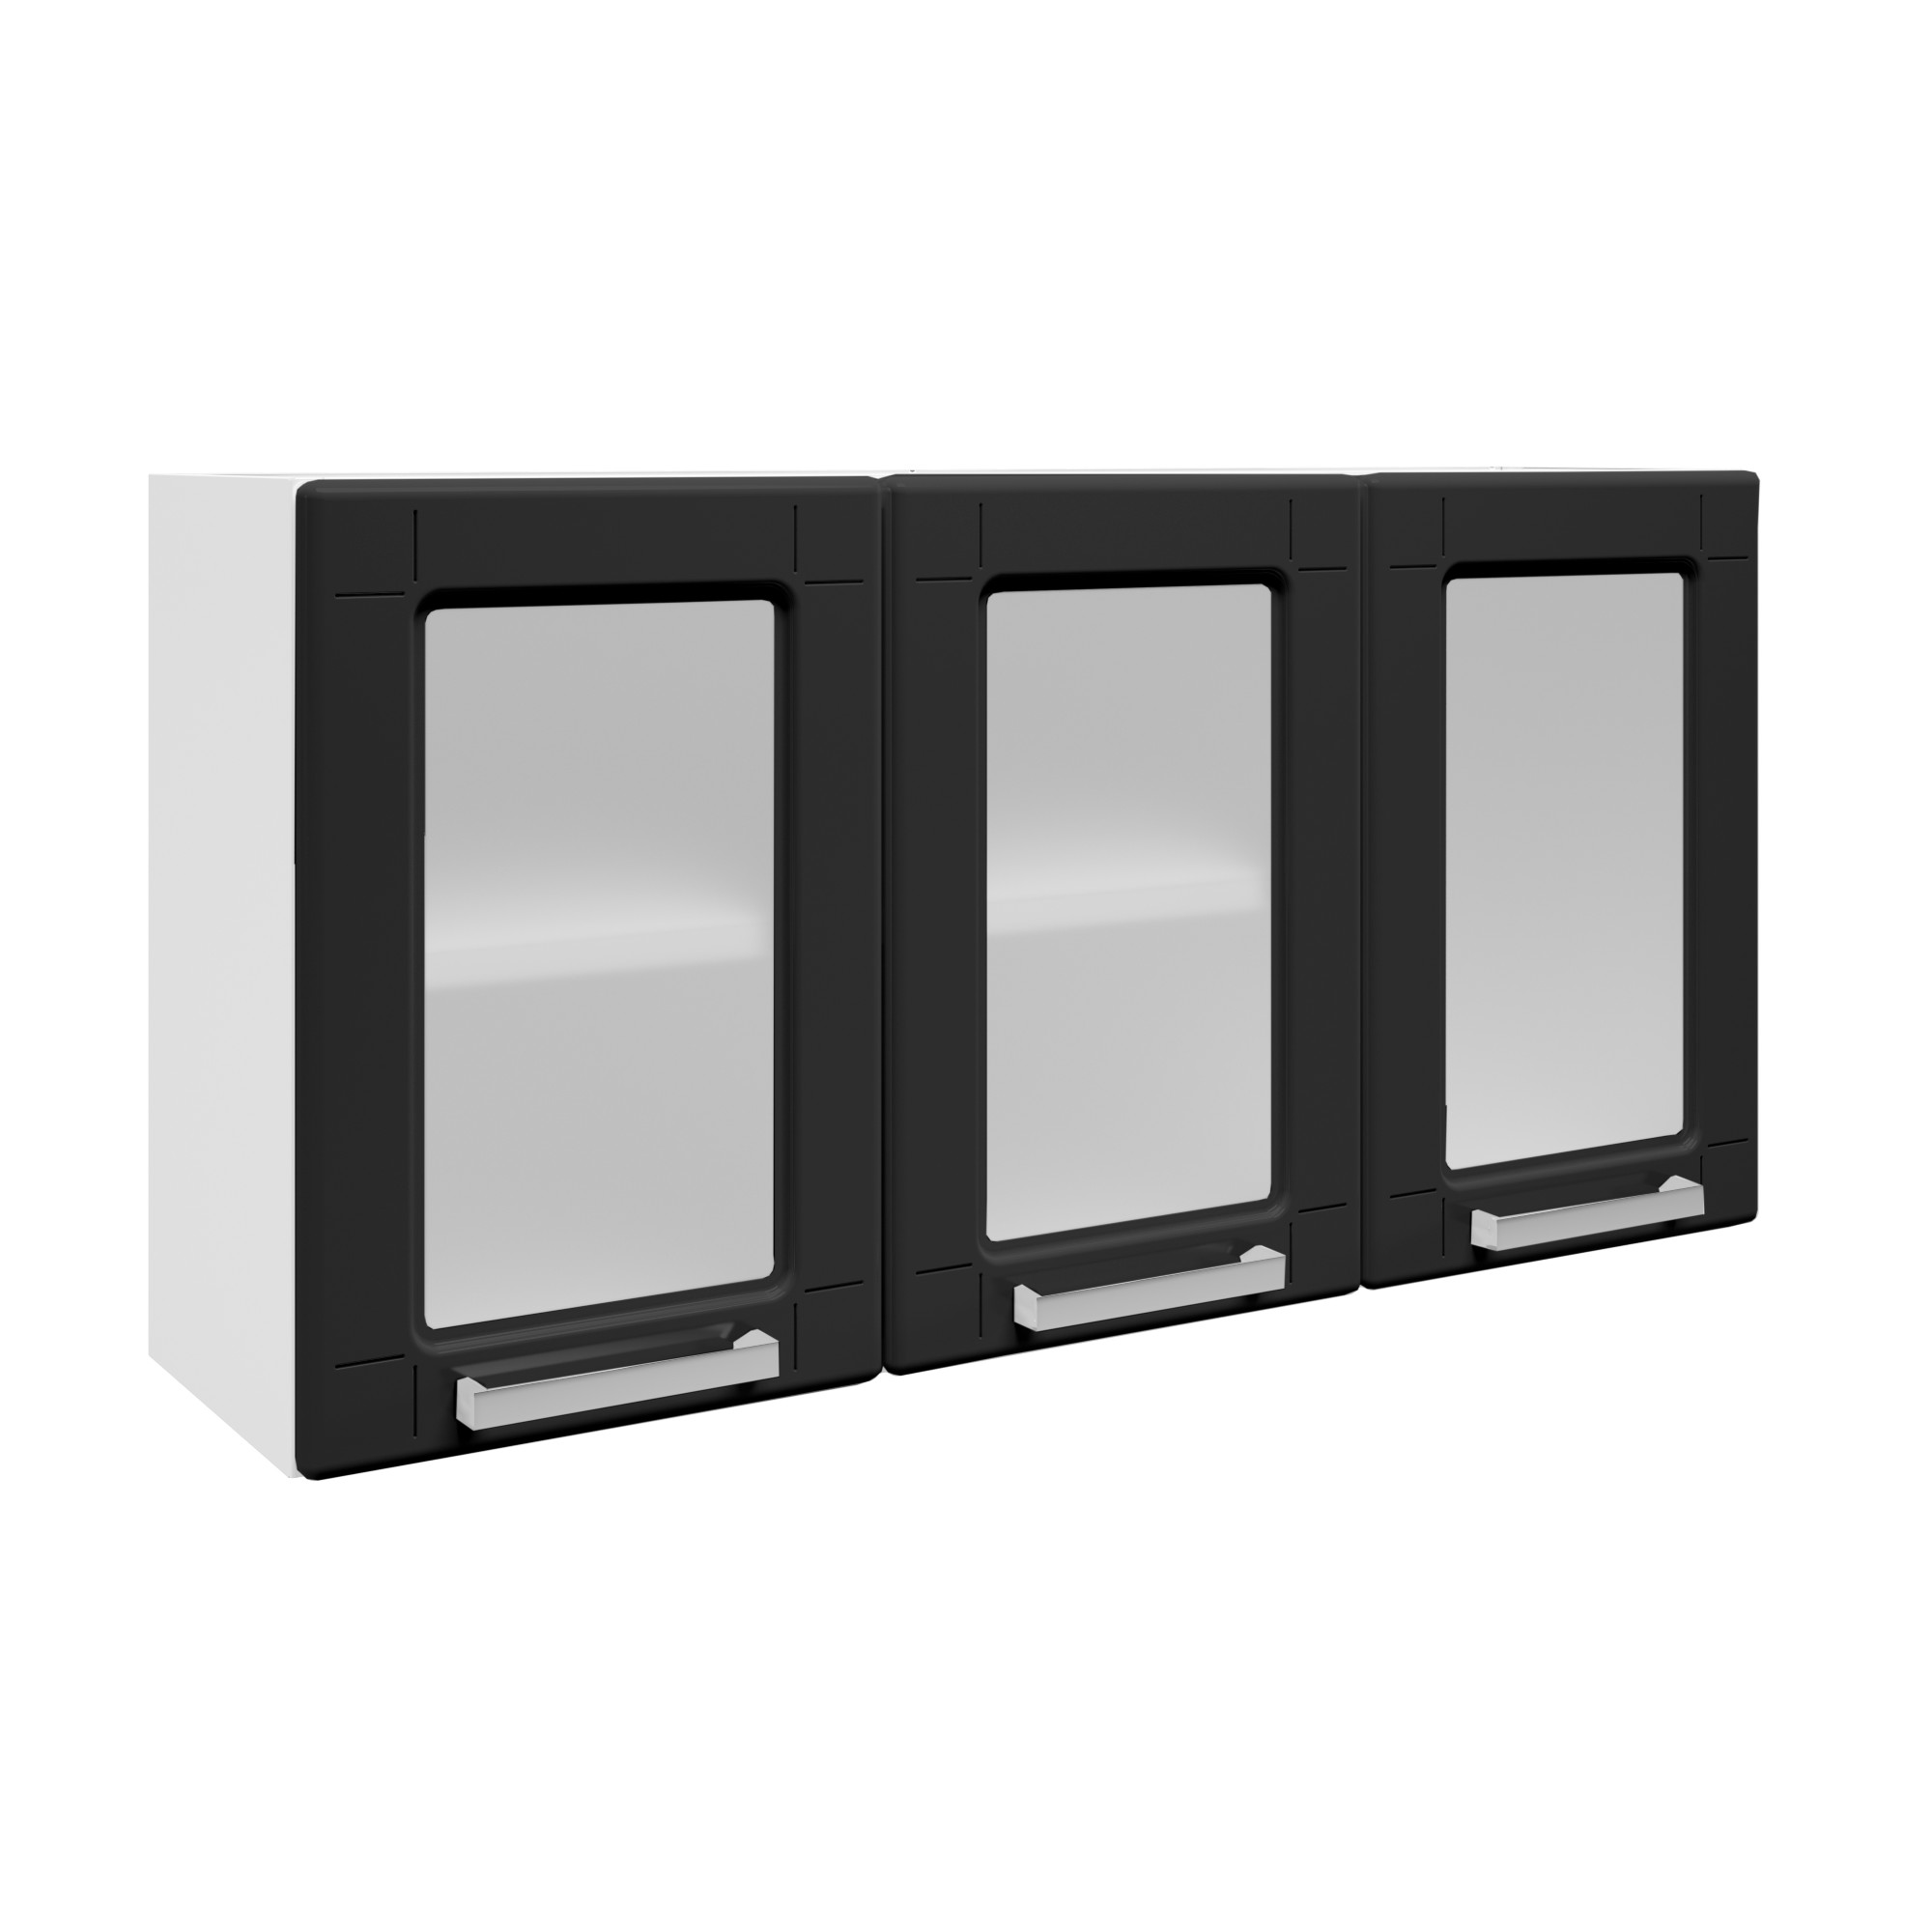 Armario Triplo Medio 3 Portas com Vidro Preto 105cm - Bertolini